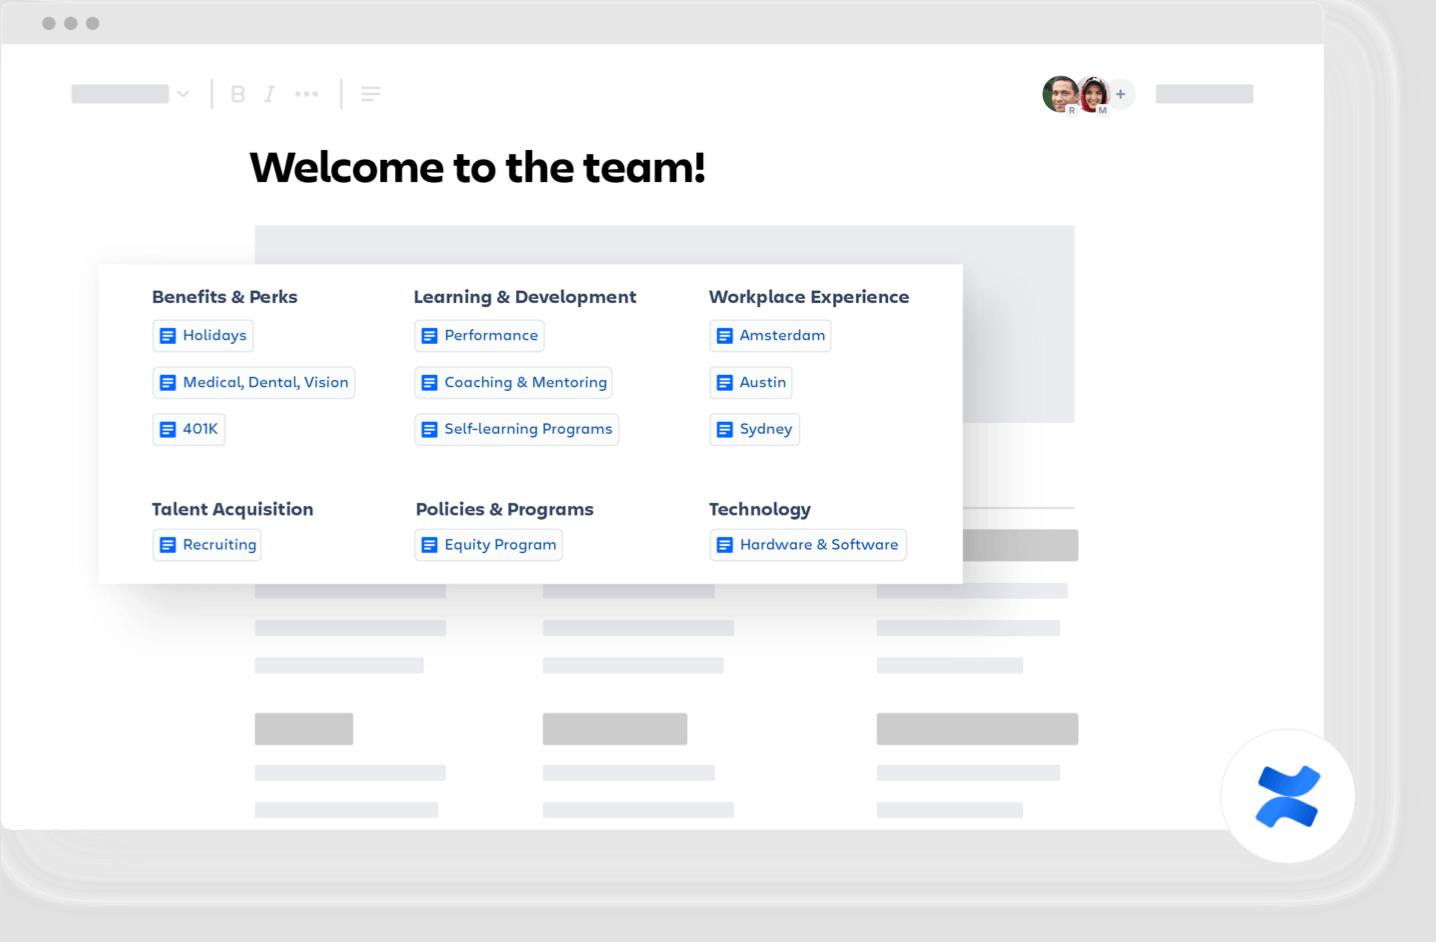 欢迎访问团队 Confluence 页面